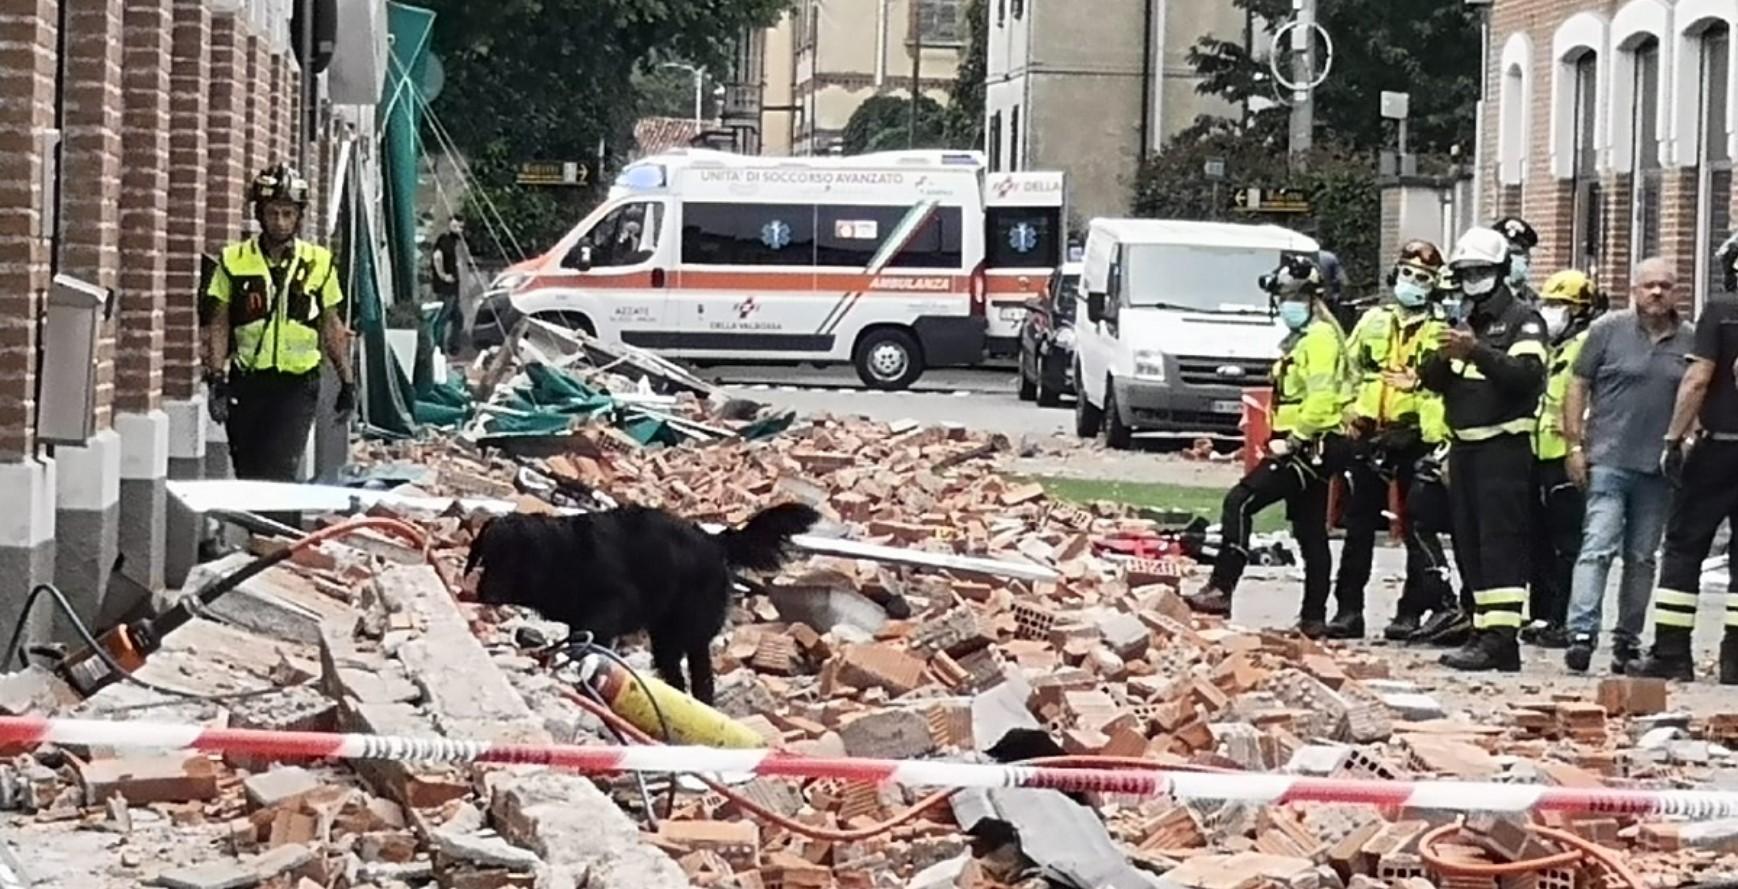 Crolla cornicione di un edificio : Tre persone sono morte ad Albizzate